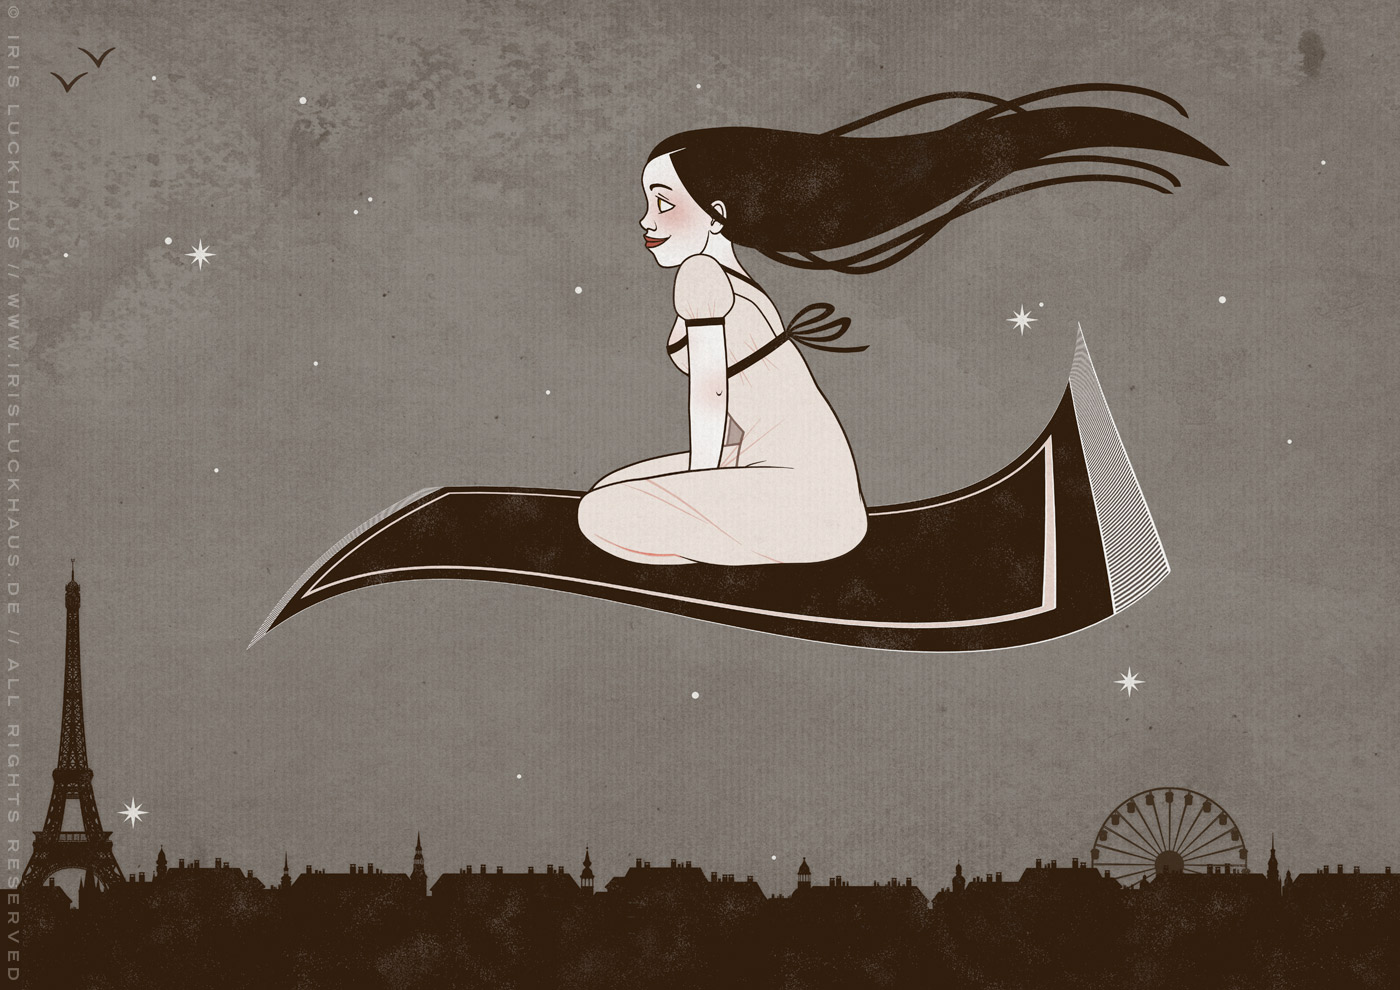 Illustration eines Mädchens auf einem fliegenden Teppich mit Simsalabim, Abrakadabra, Hokuspokus und Jicker für Märchen von der Illustratorin Iris Luckhaus